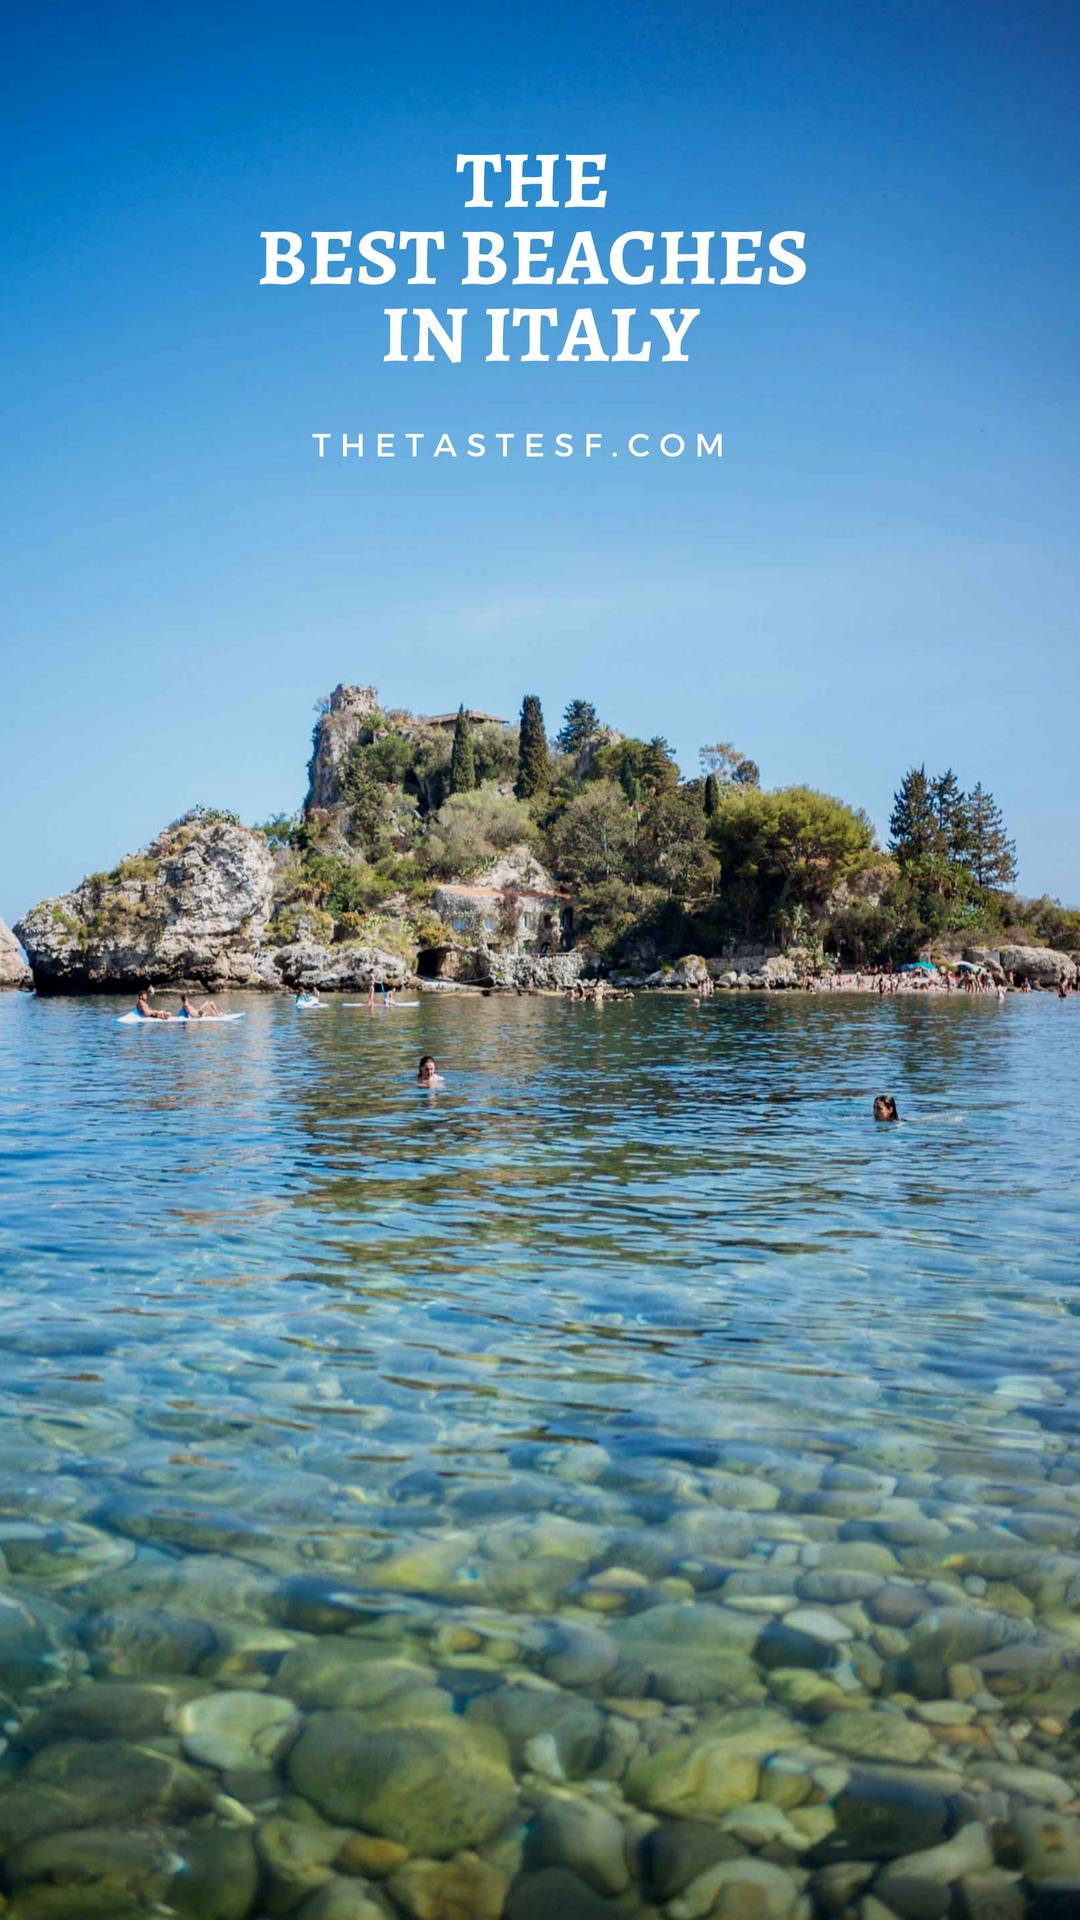 Beach Day at Isola Bella Italy honeymoon, Taormina